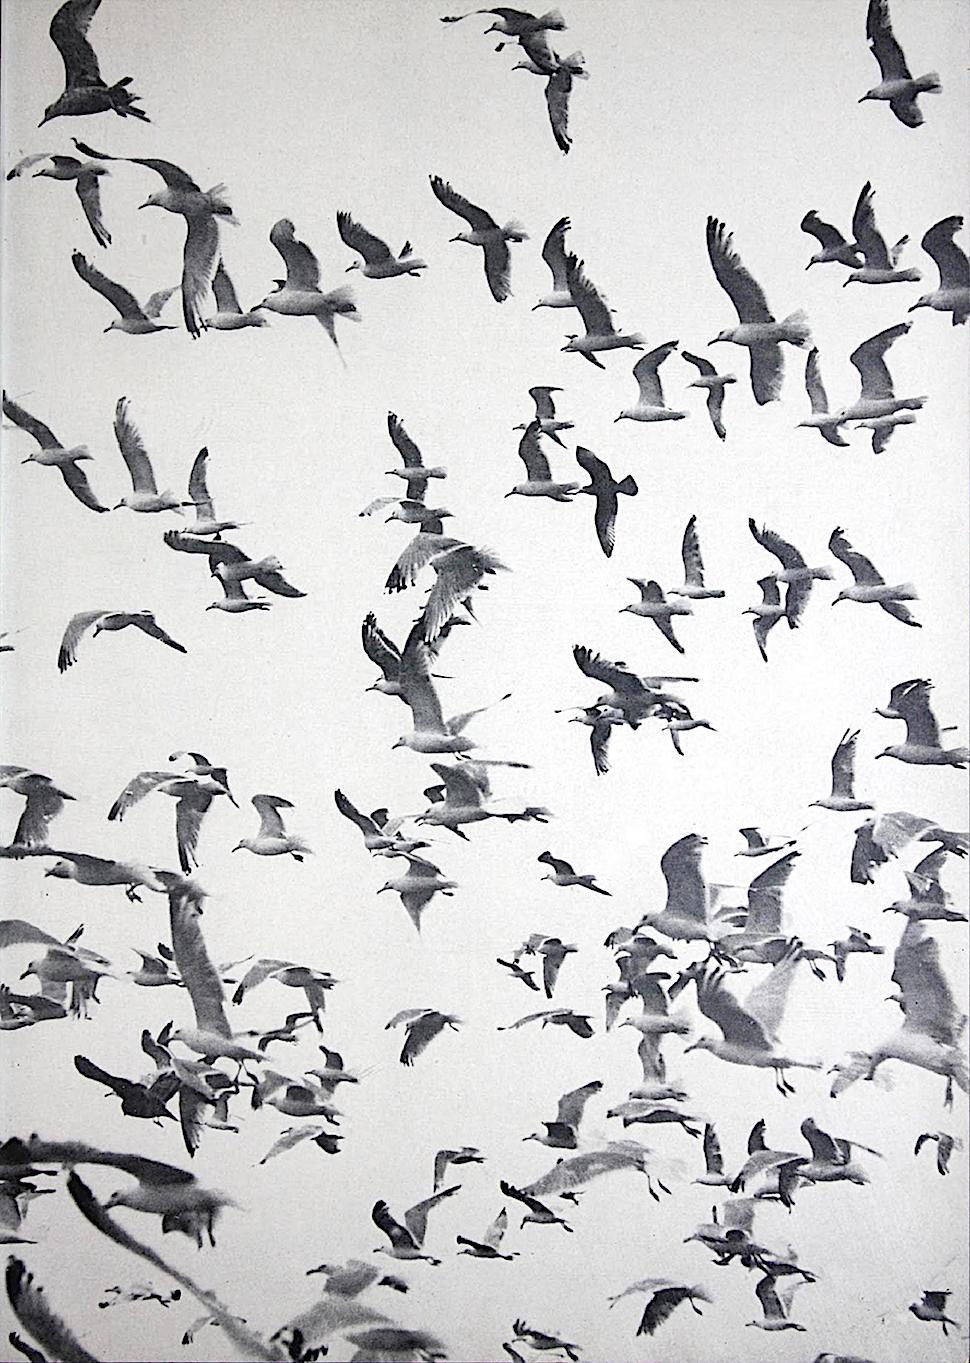 a 1950 photograph of birds in flight, a flock of gulls